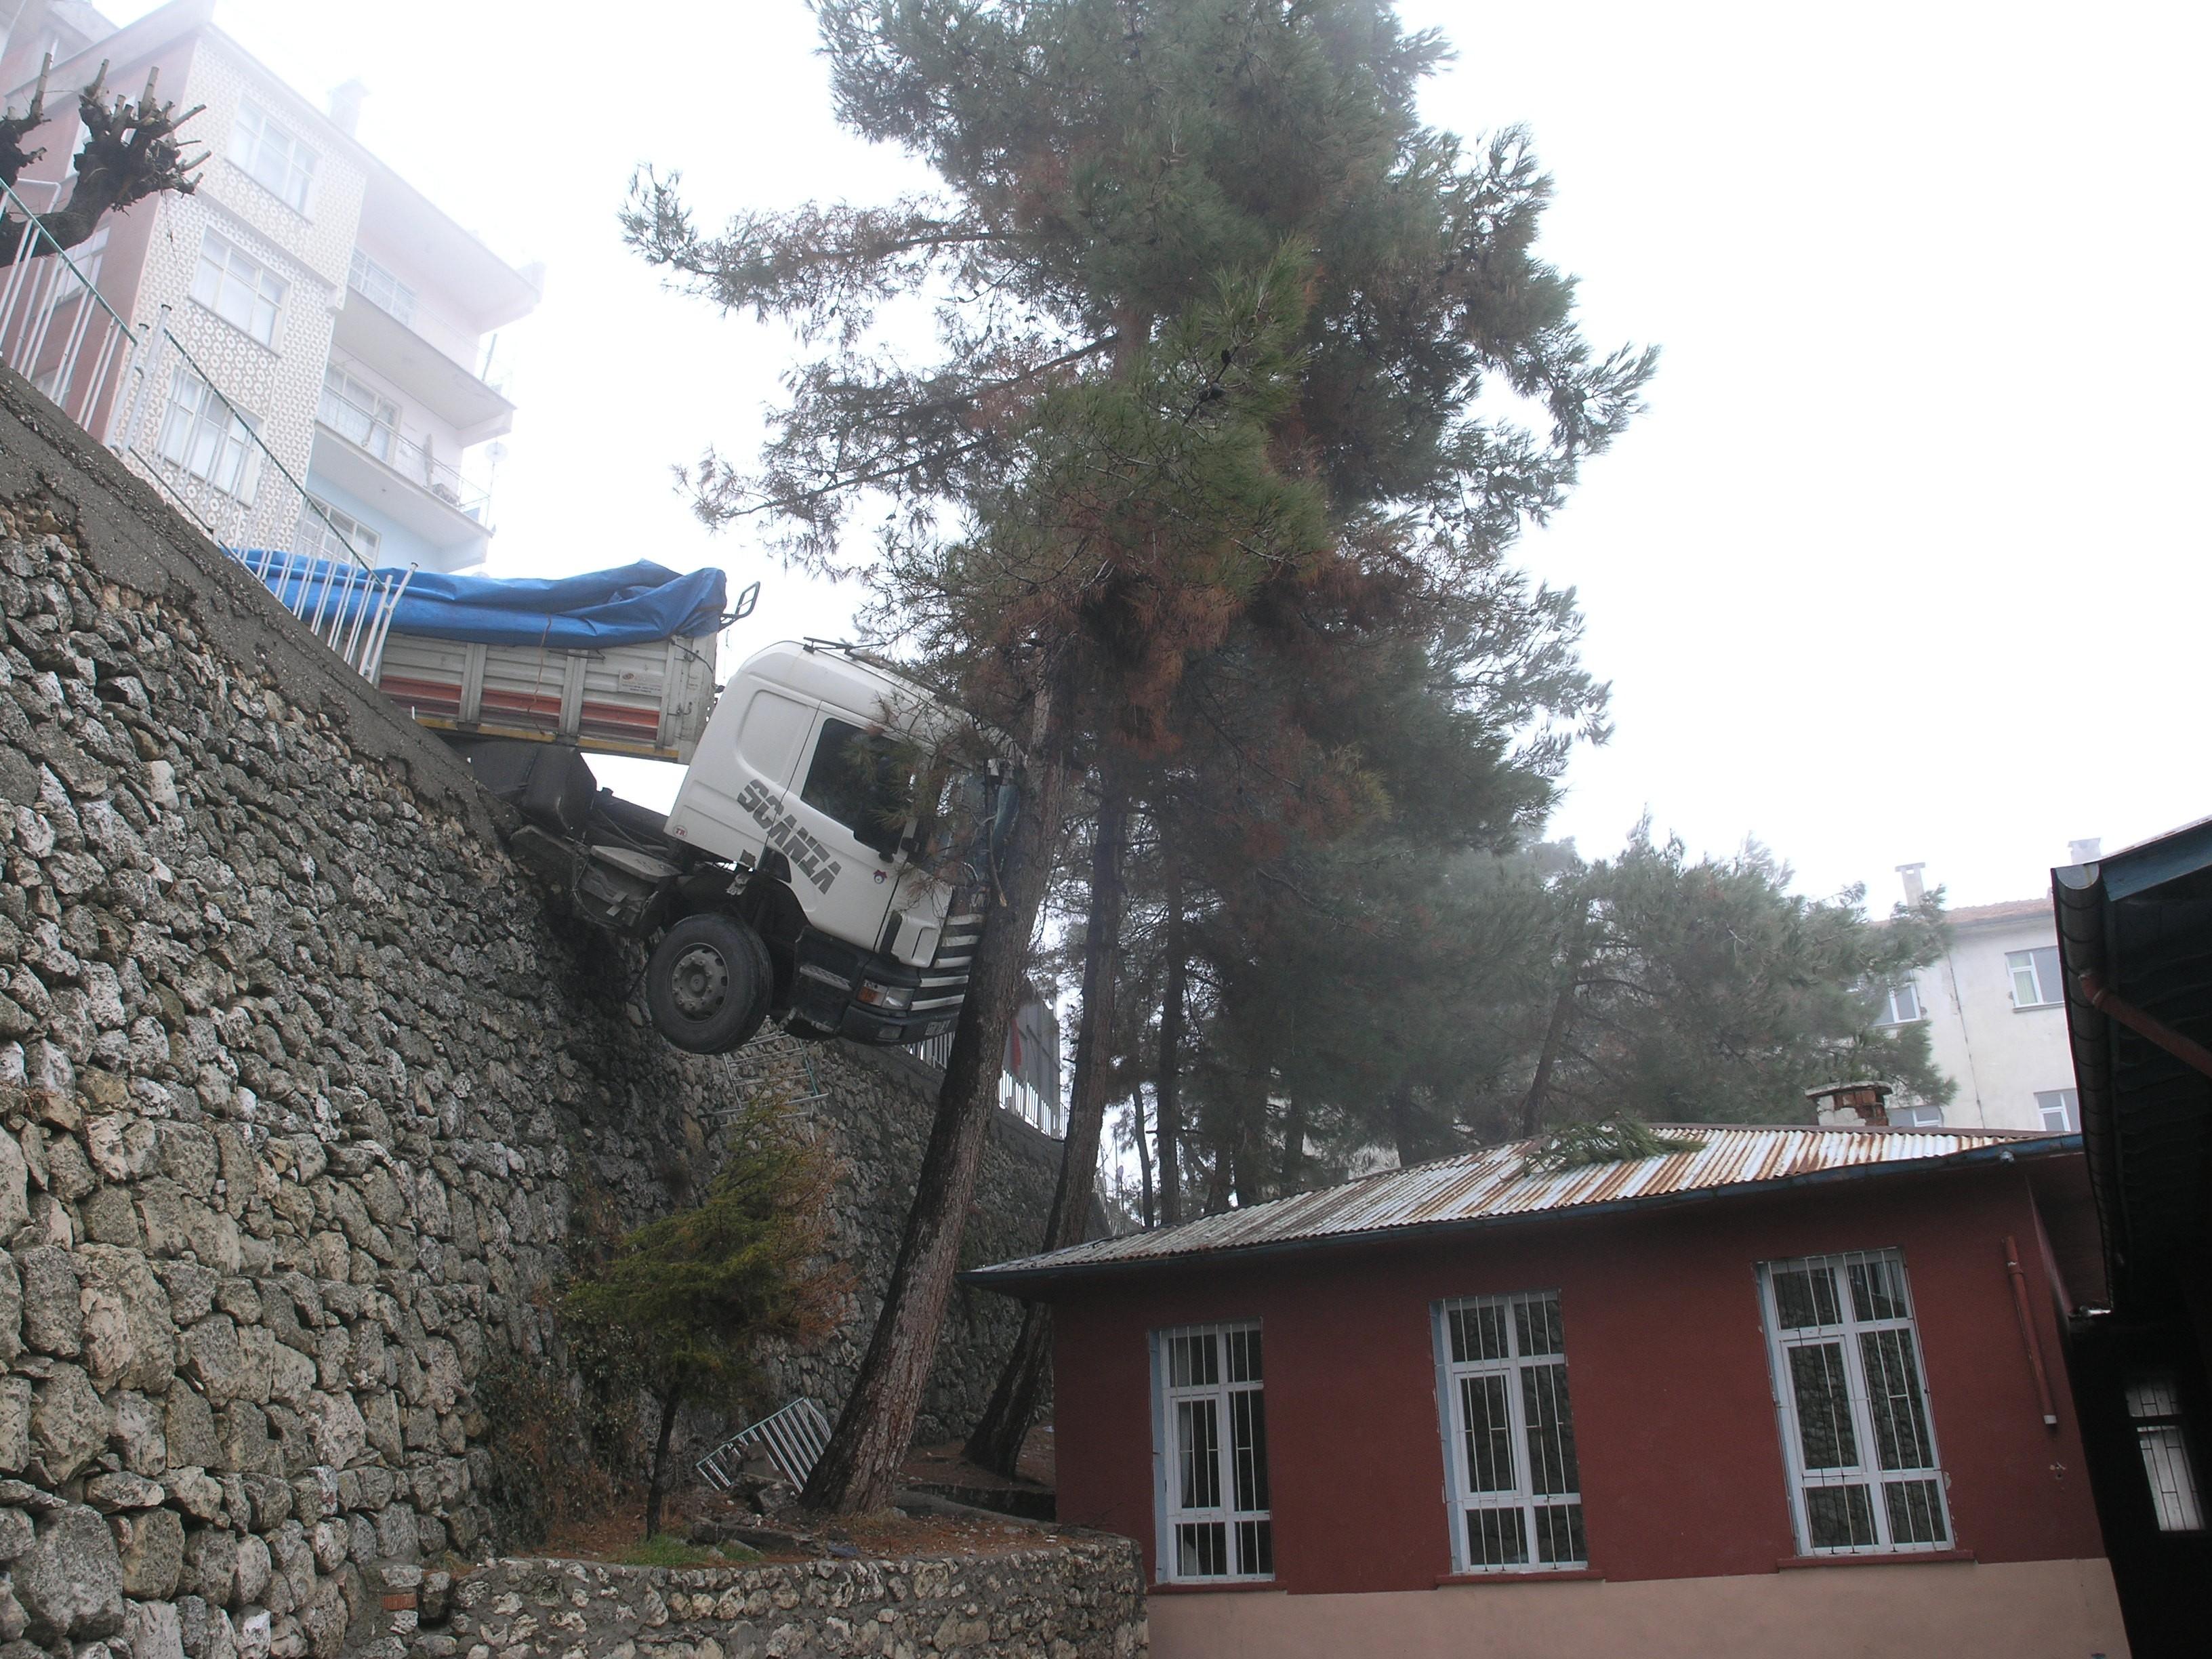 Faciaya Ramak Kala ..çam ağacına çarpmasaydı okulun içine girecekti ..